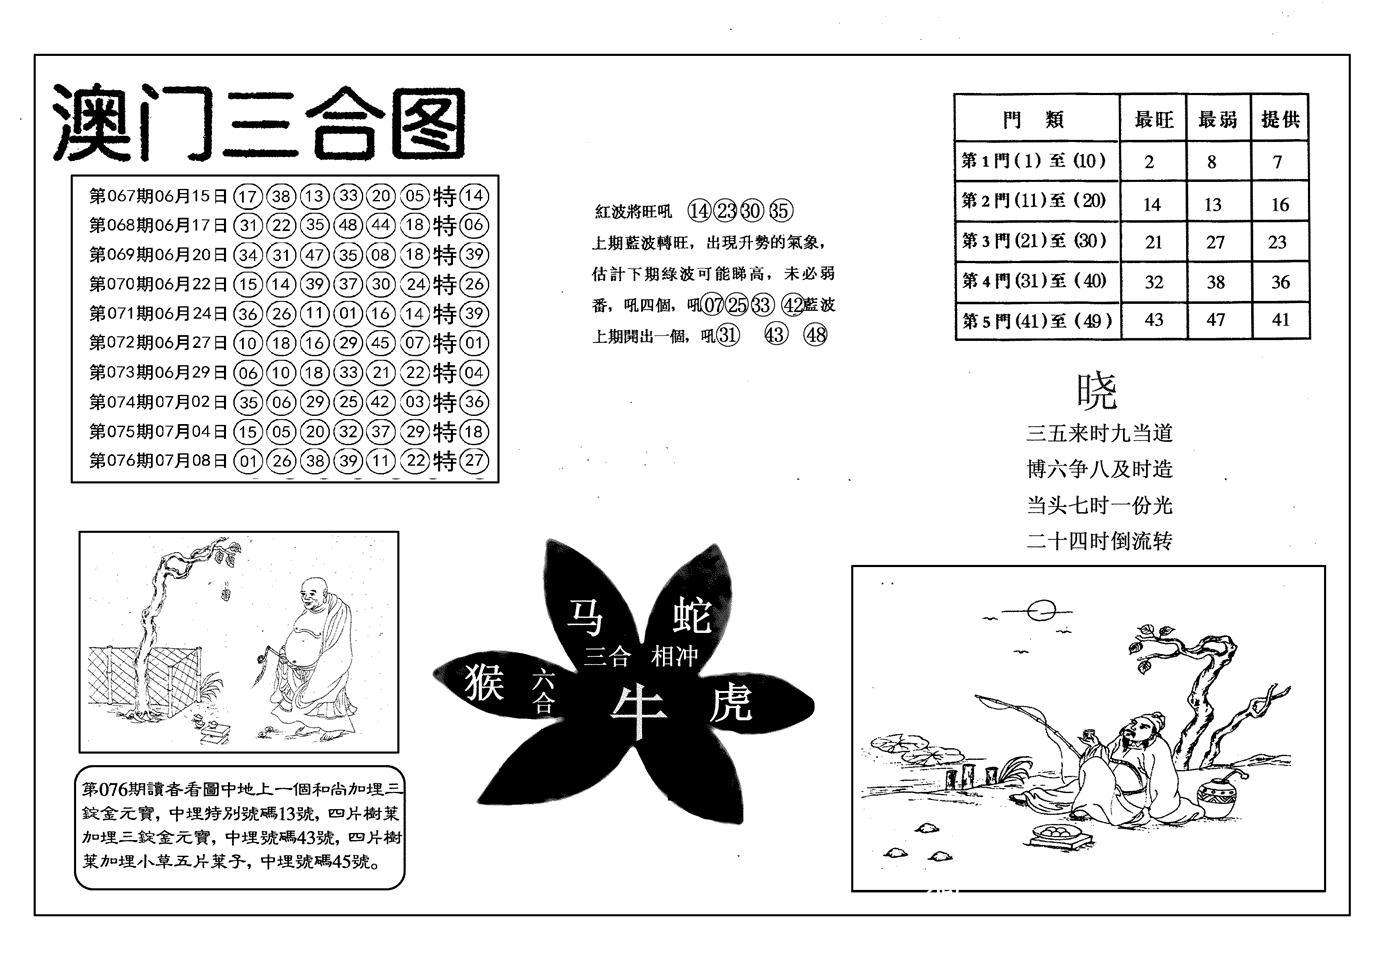 077期另澳门三合图(黑白)